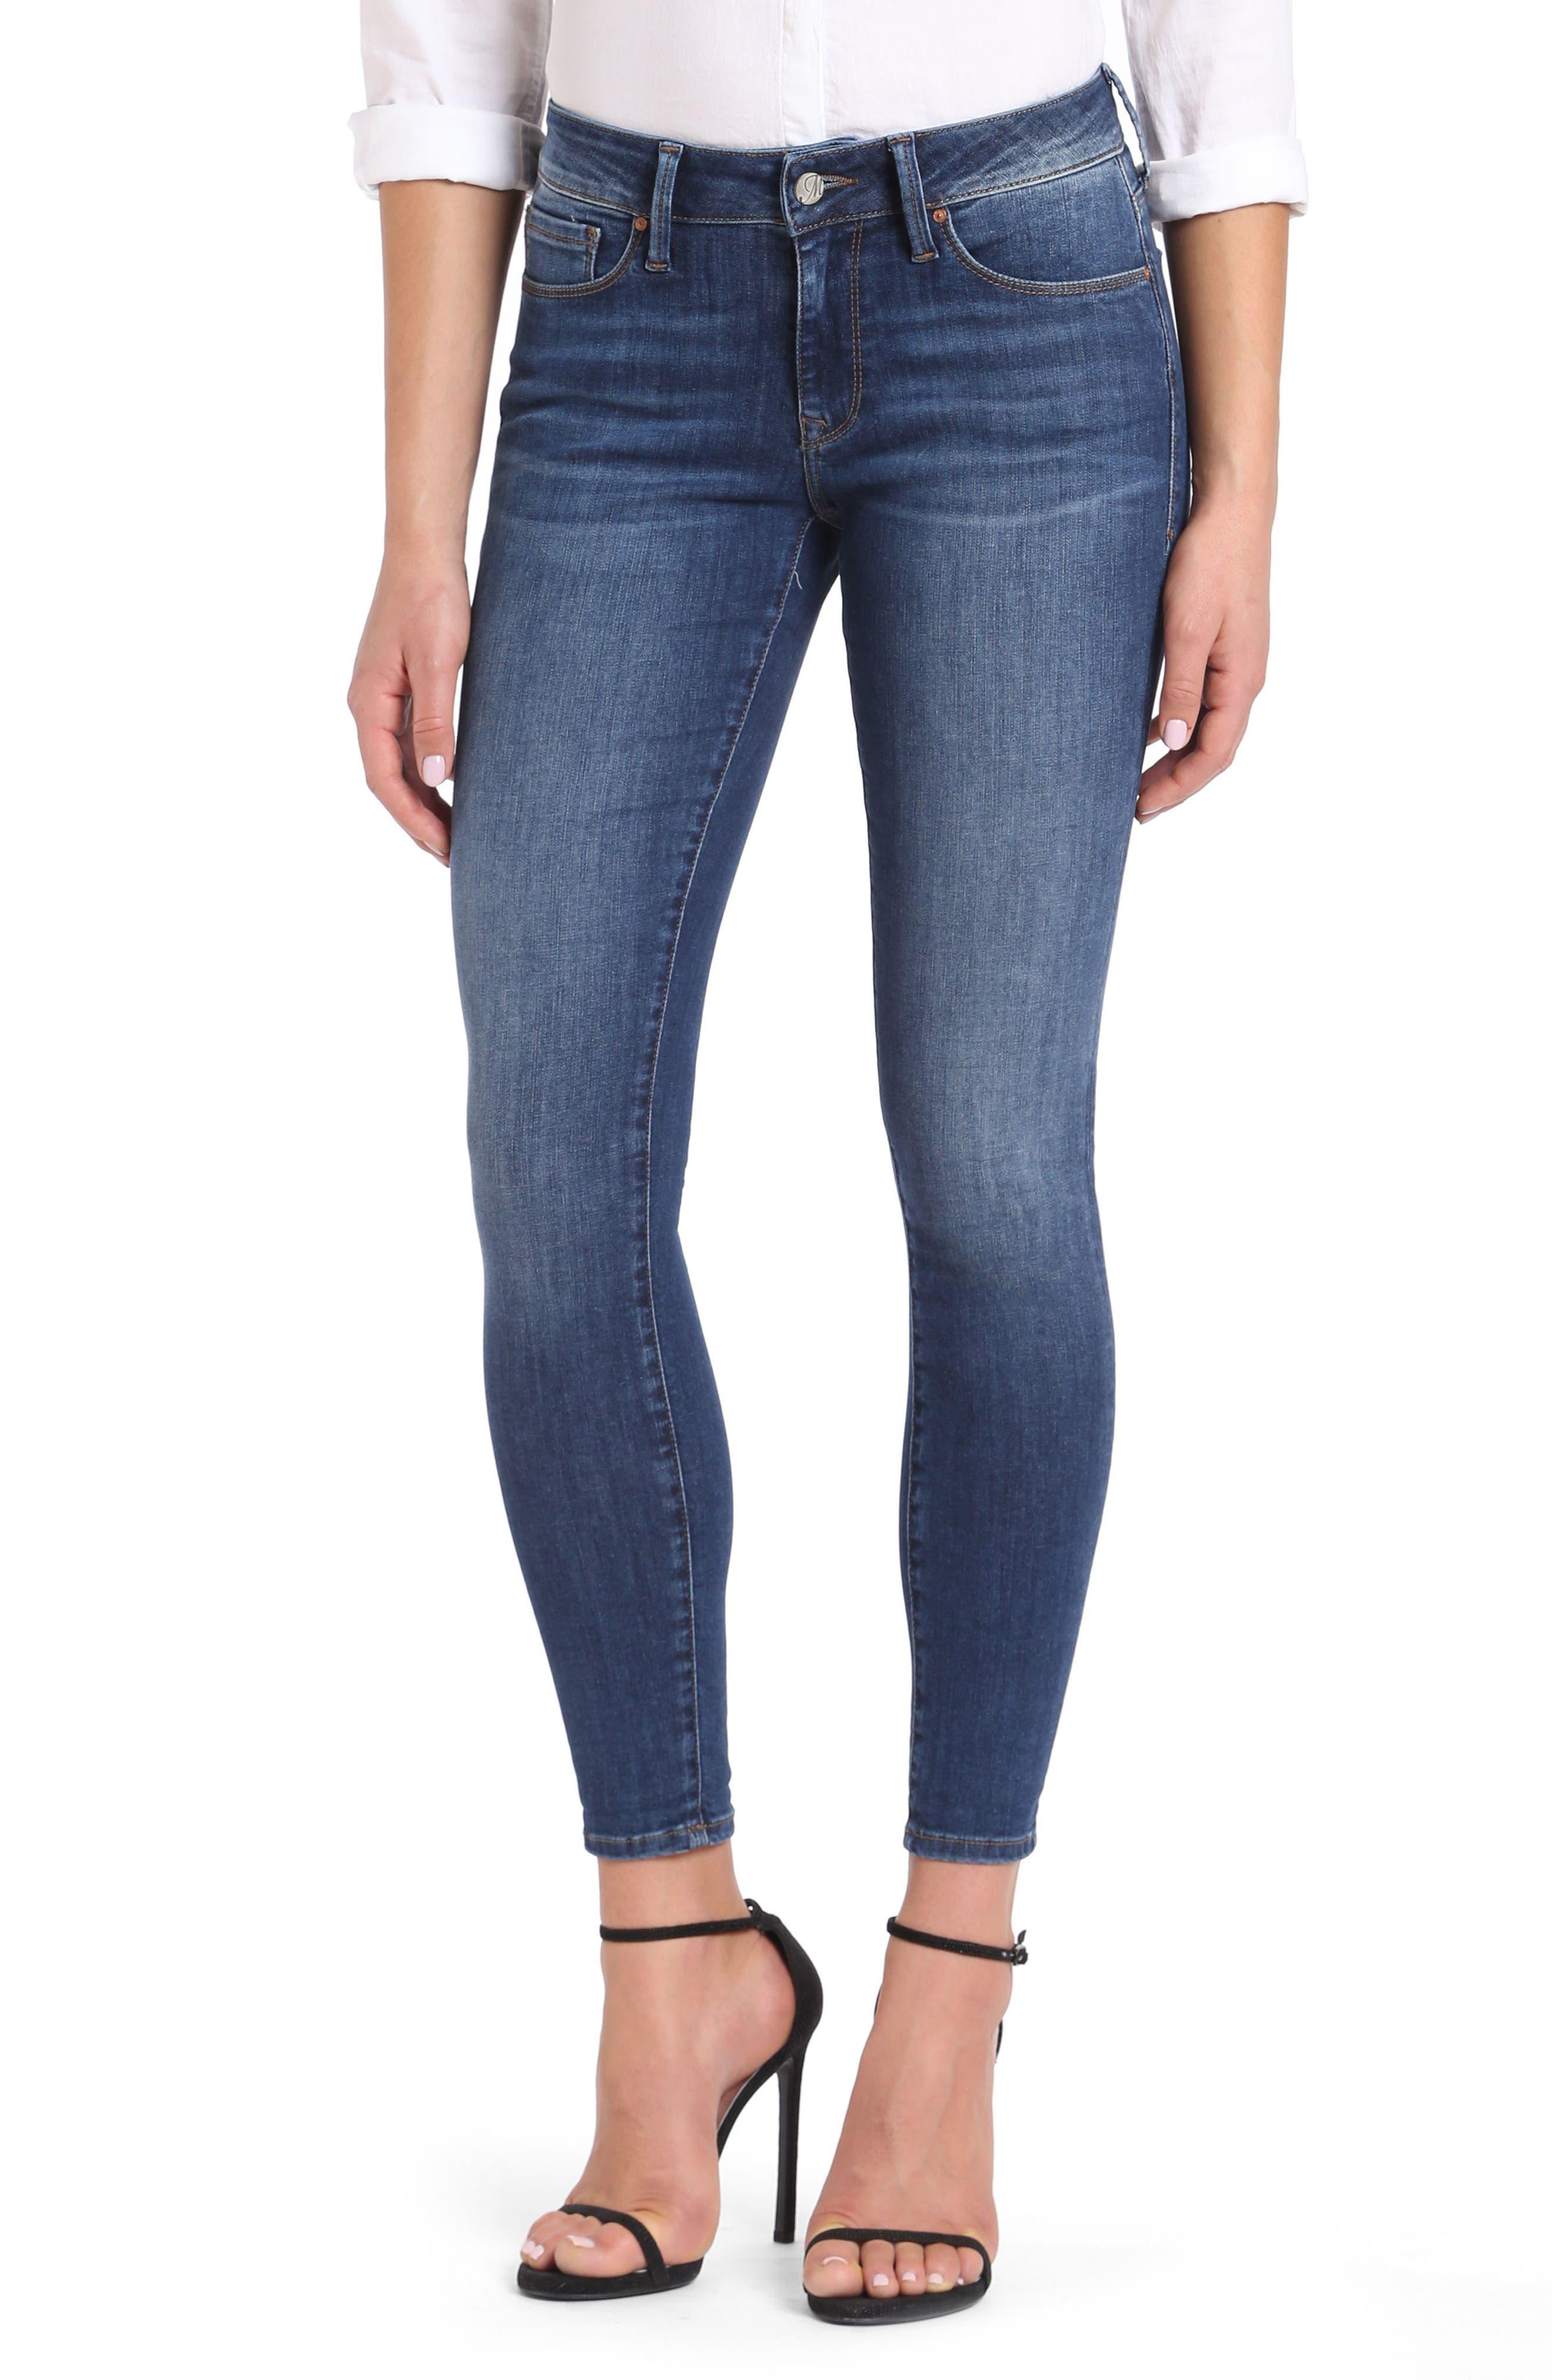 MAVI JEANS Alexa Ankle Skinny Jeans